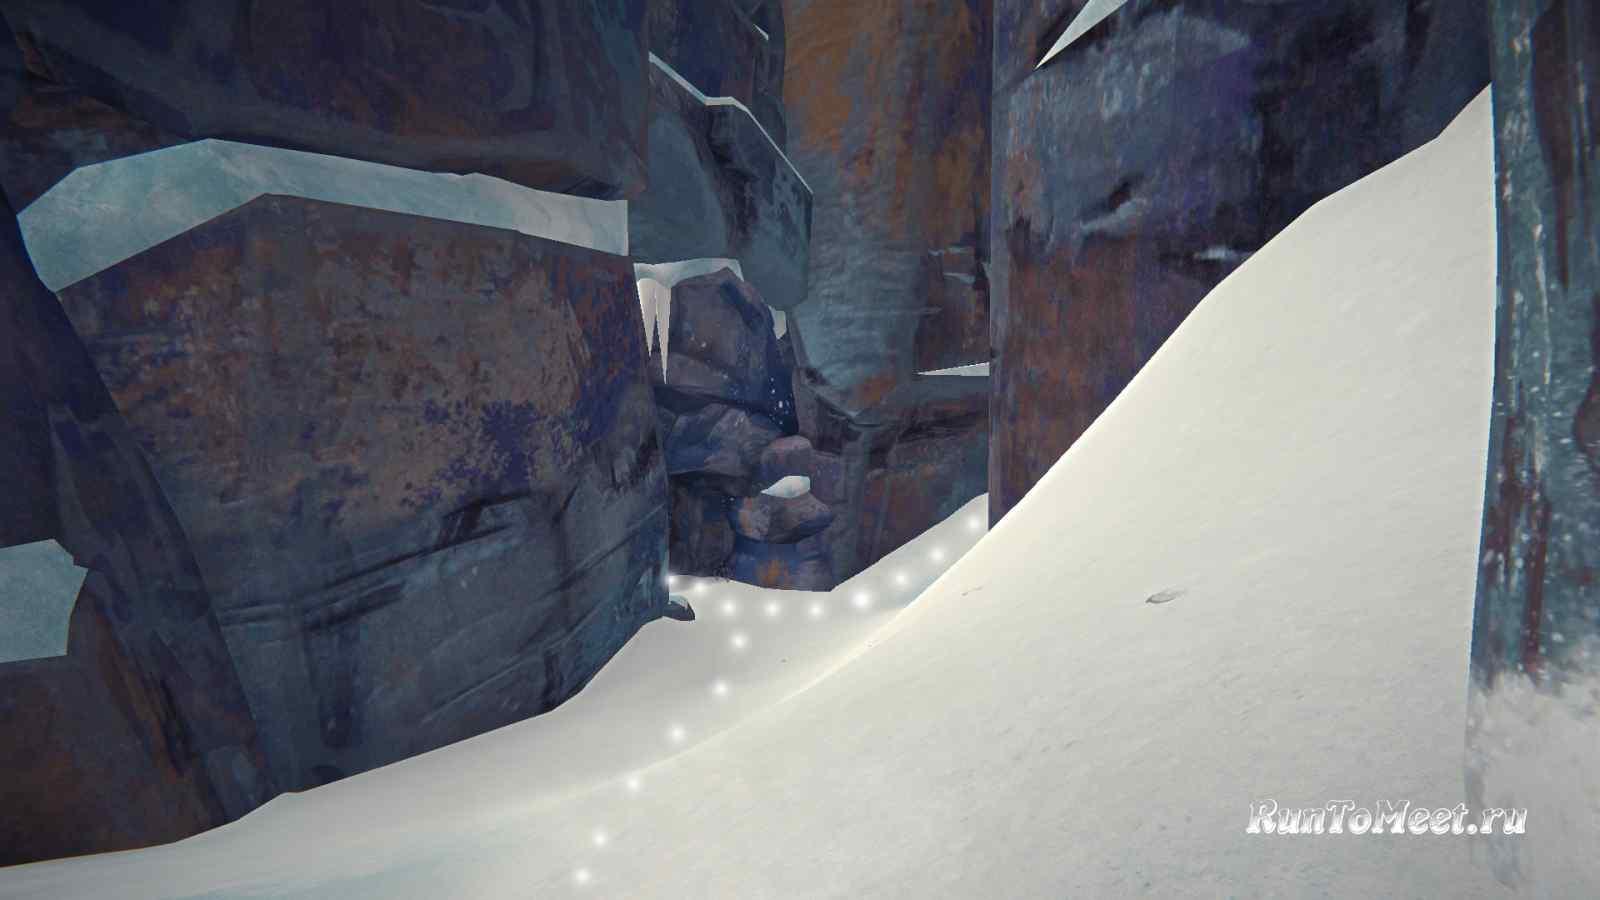 Пещера возле вида на Волчью пасть в Пепельном каньоне игры The long dark